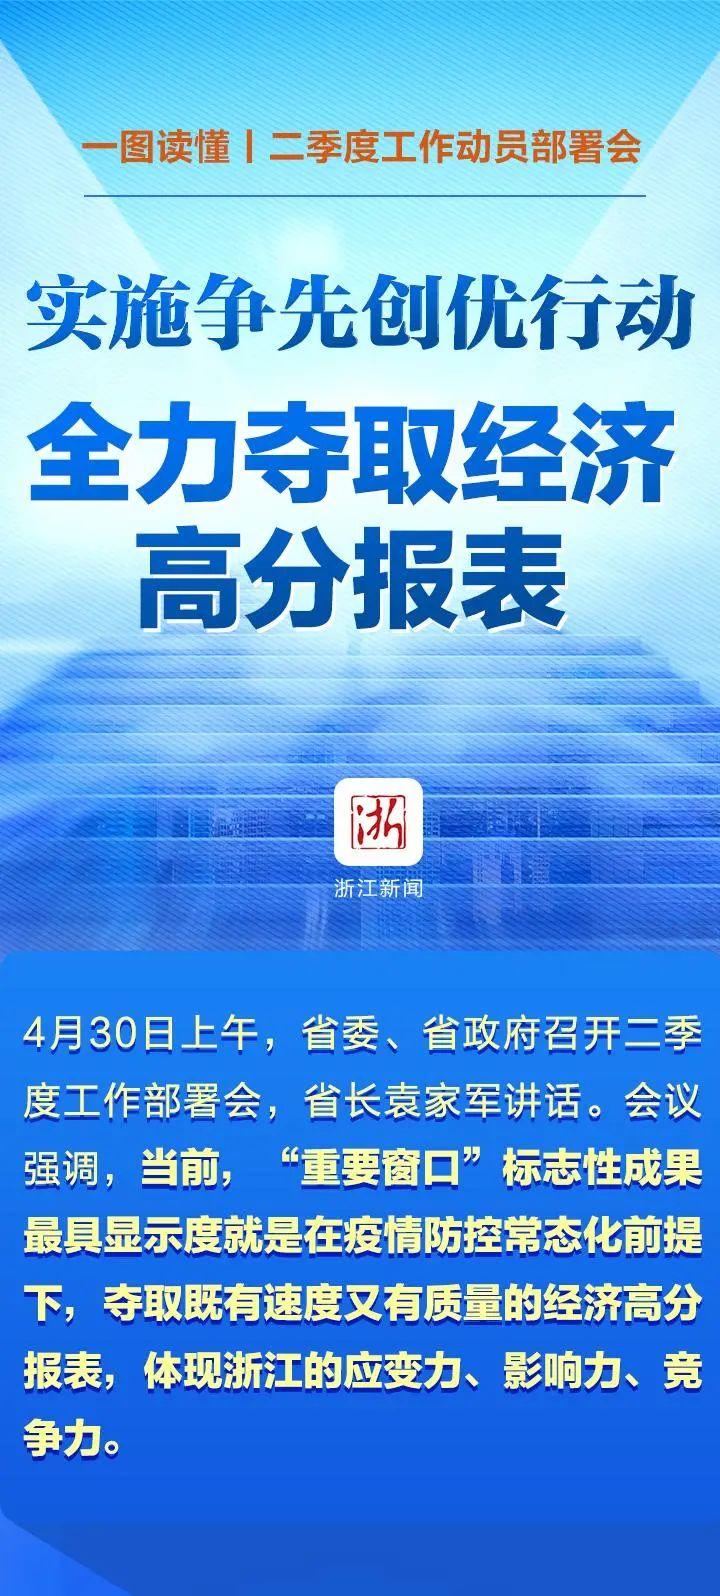 一图读懂丨浙江省二季度工作动员部署会:实施争先创优行动 全力夺取经济高分报表图片